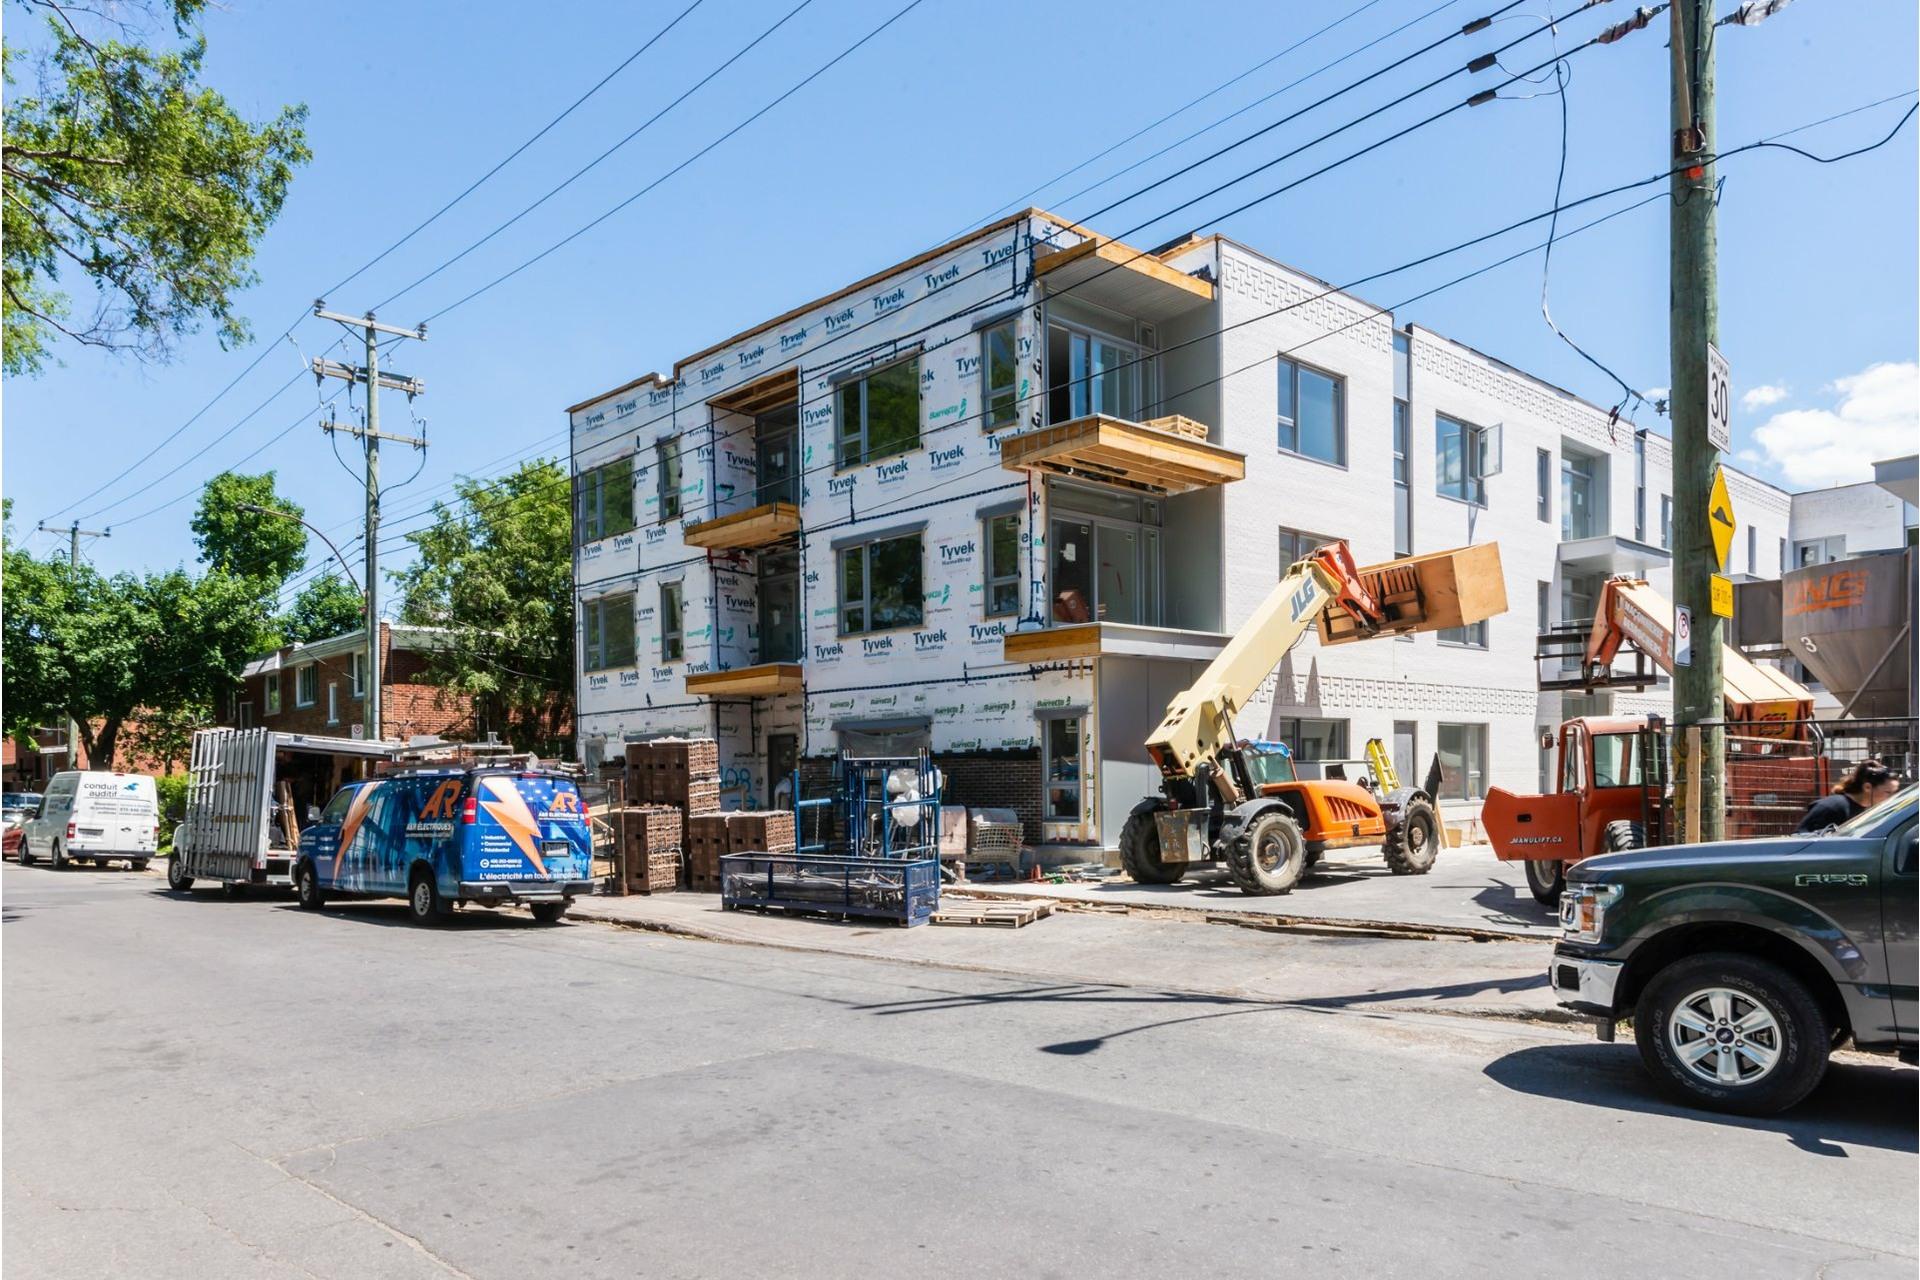 image 24 - Appartement À vendre Rosemont/La Petite-Patrie Montréal  - 5 pièces